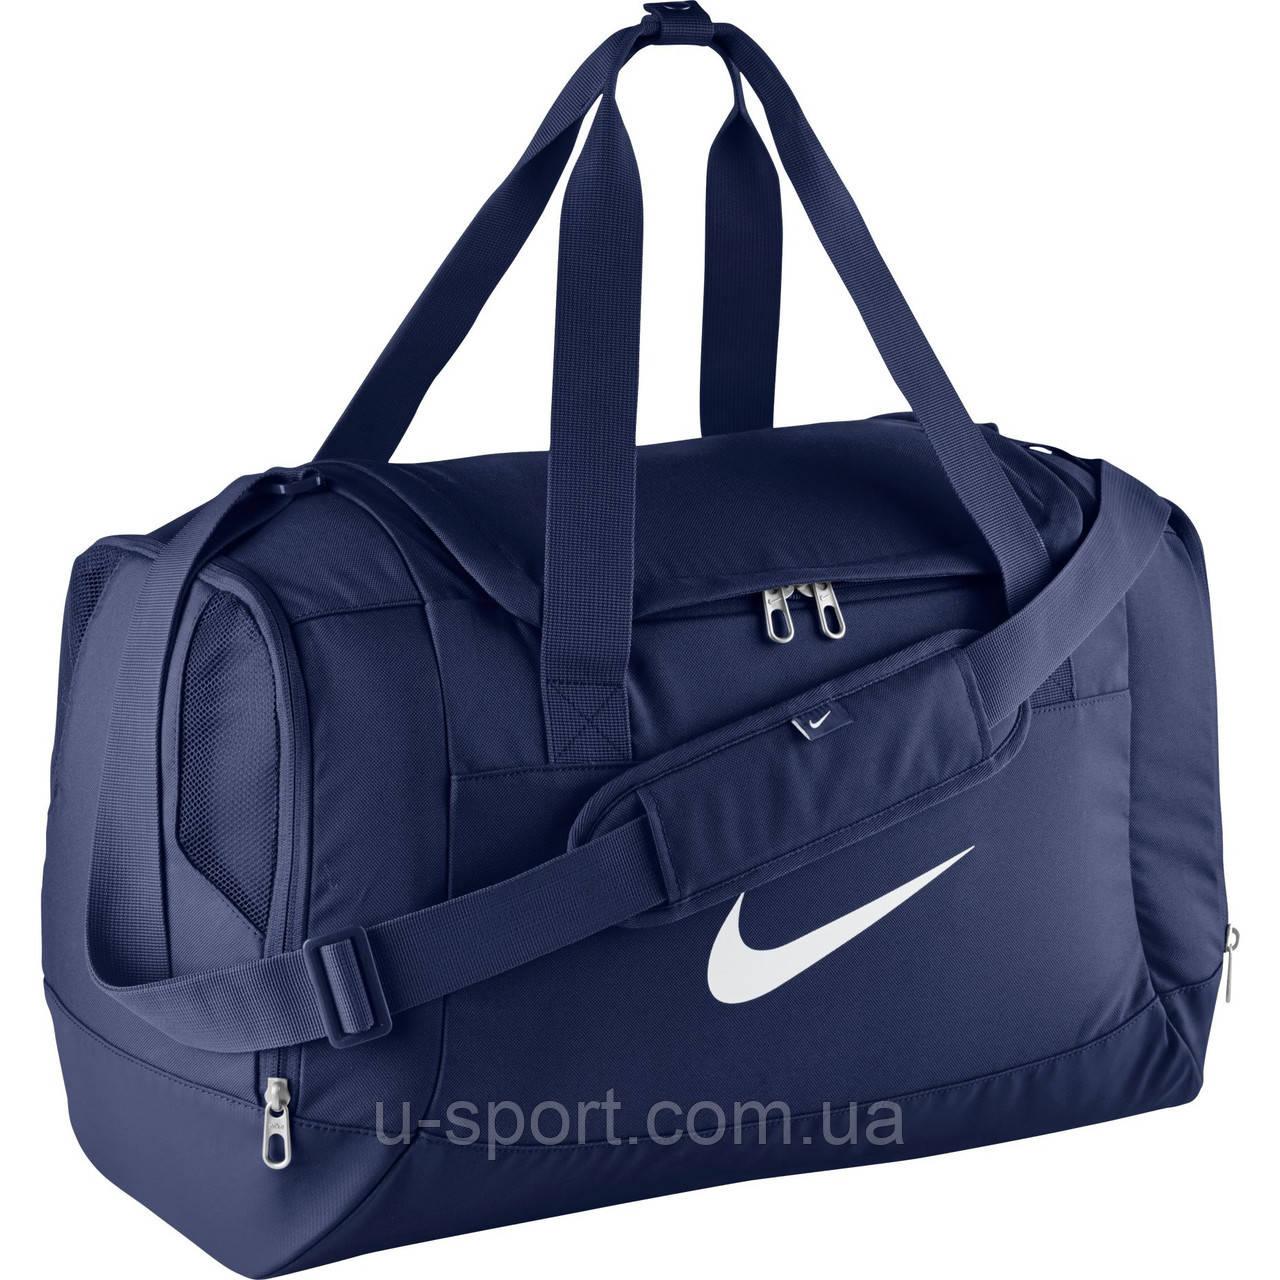 Сумка спортивная Nike CLUB TEAM SWOOSH DUFF S - Интернет-магазин мячей U-sport.com.ua в Киеве